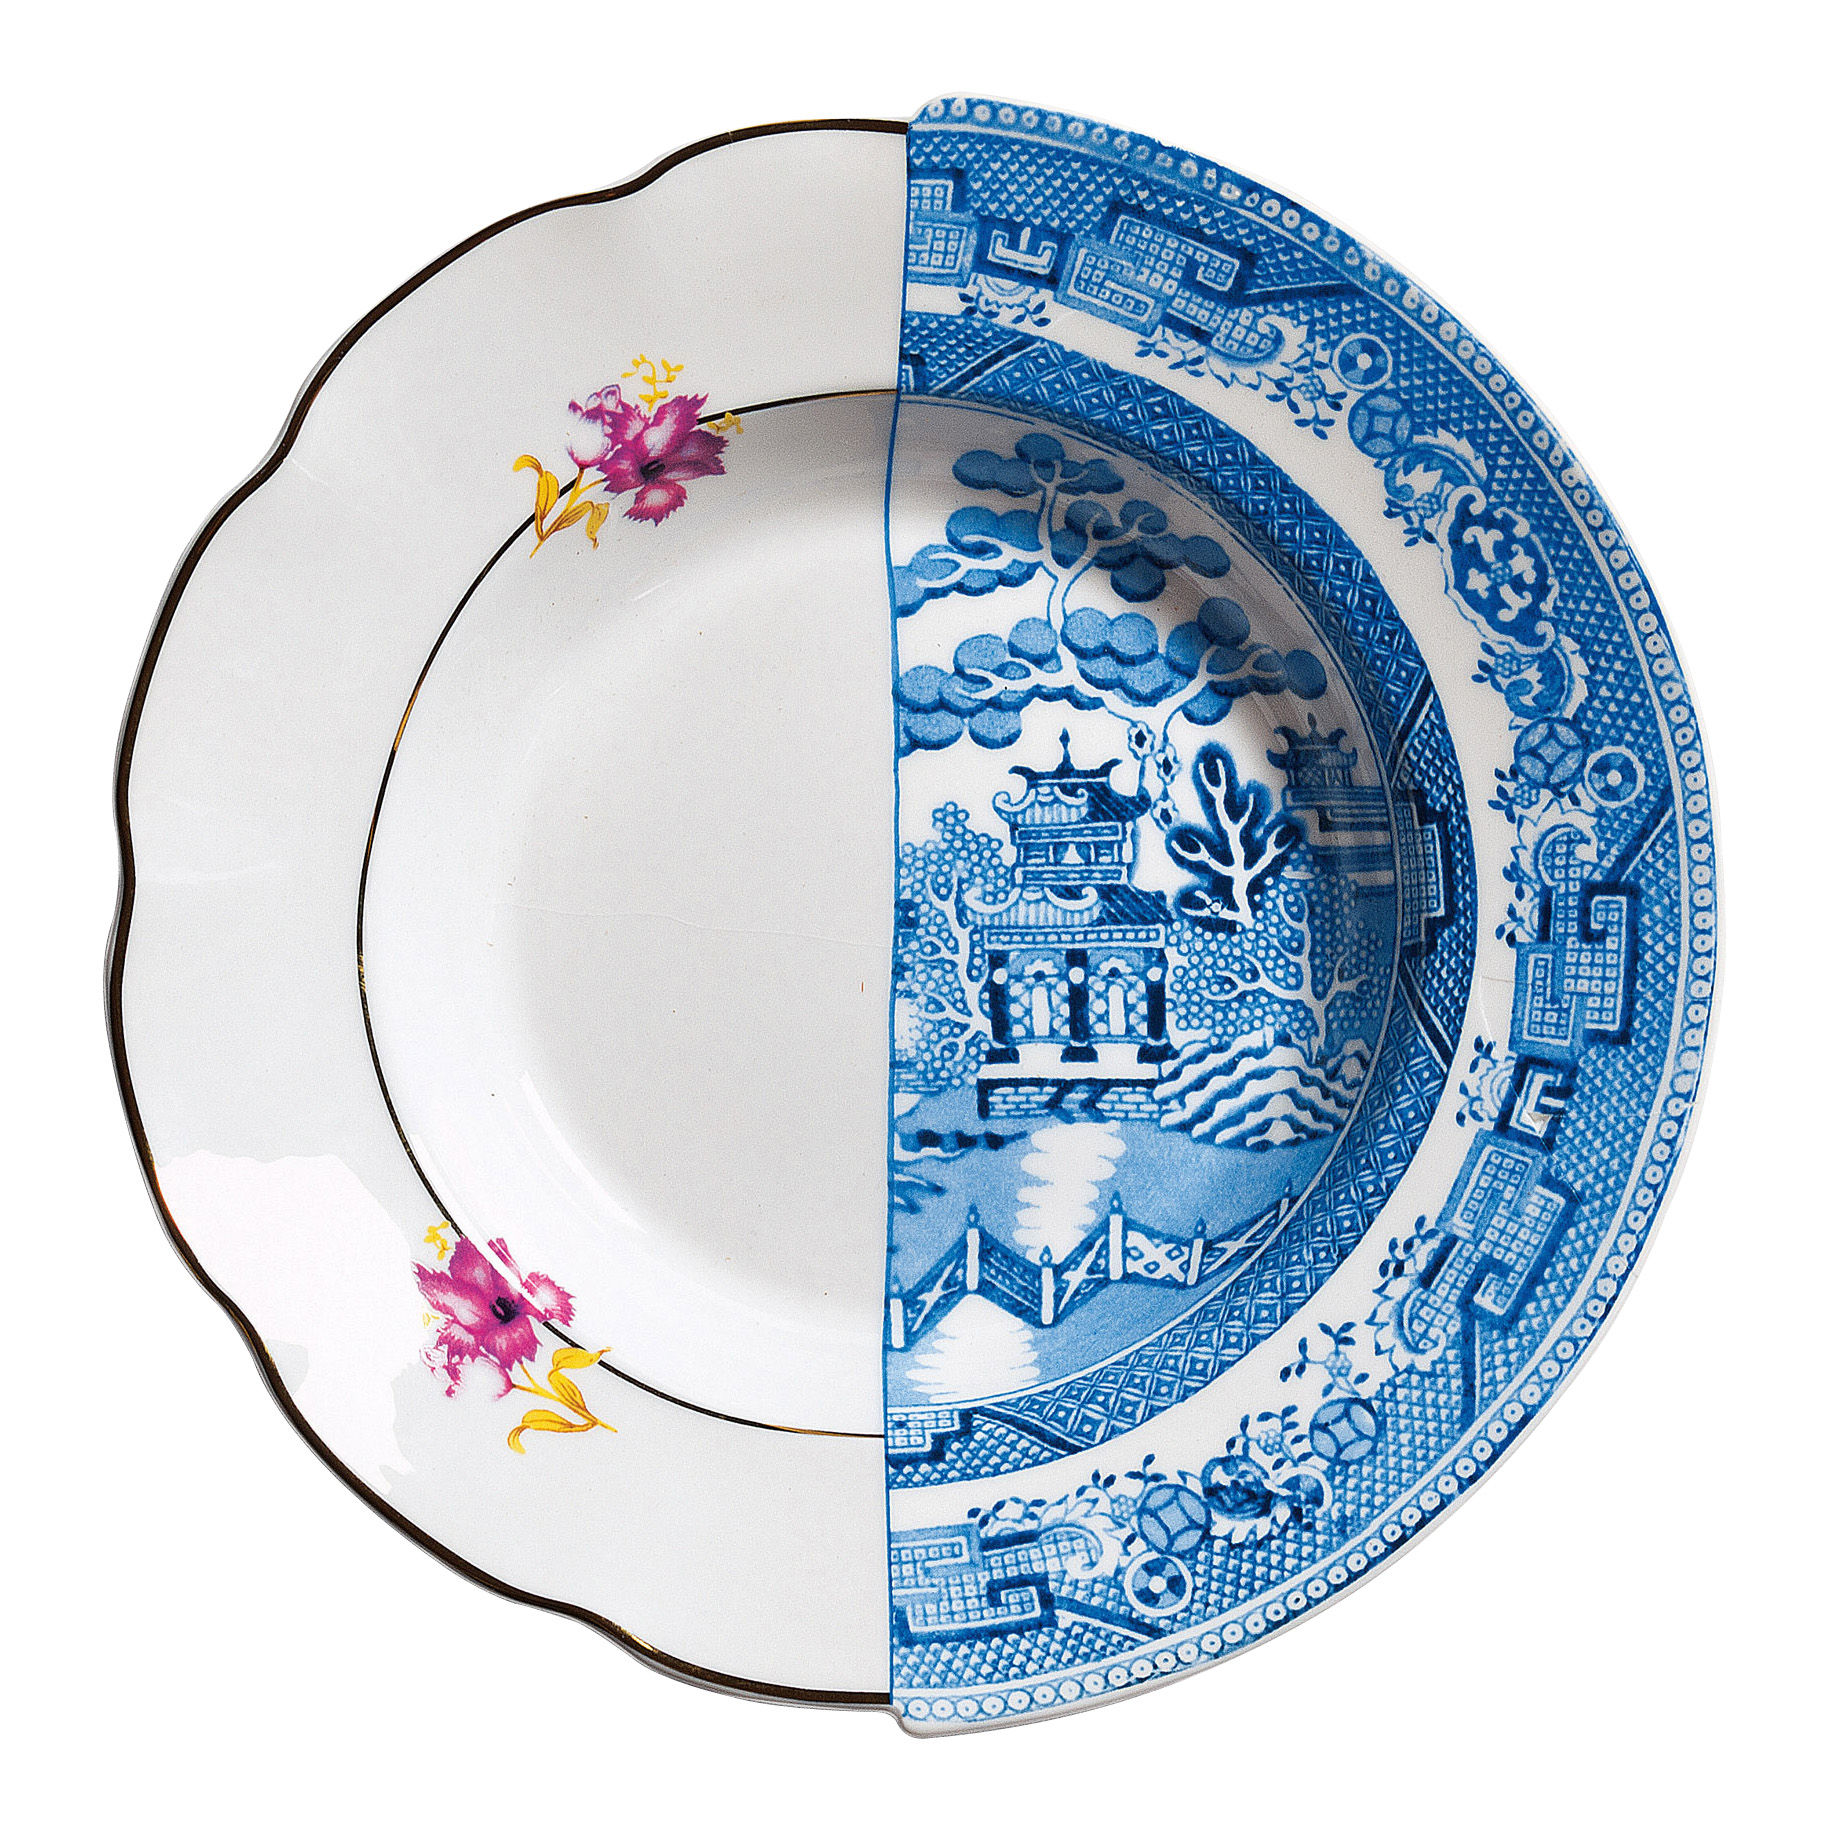 Tischkultur - Teller - Hybrid Fillide Suppenteller Ø 25,4 cm - Seletti - Fillide - Porzellan